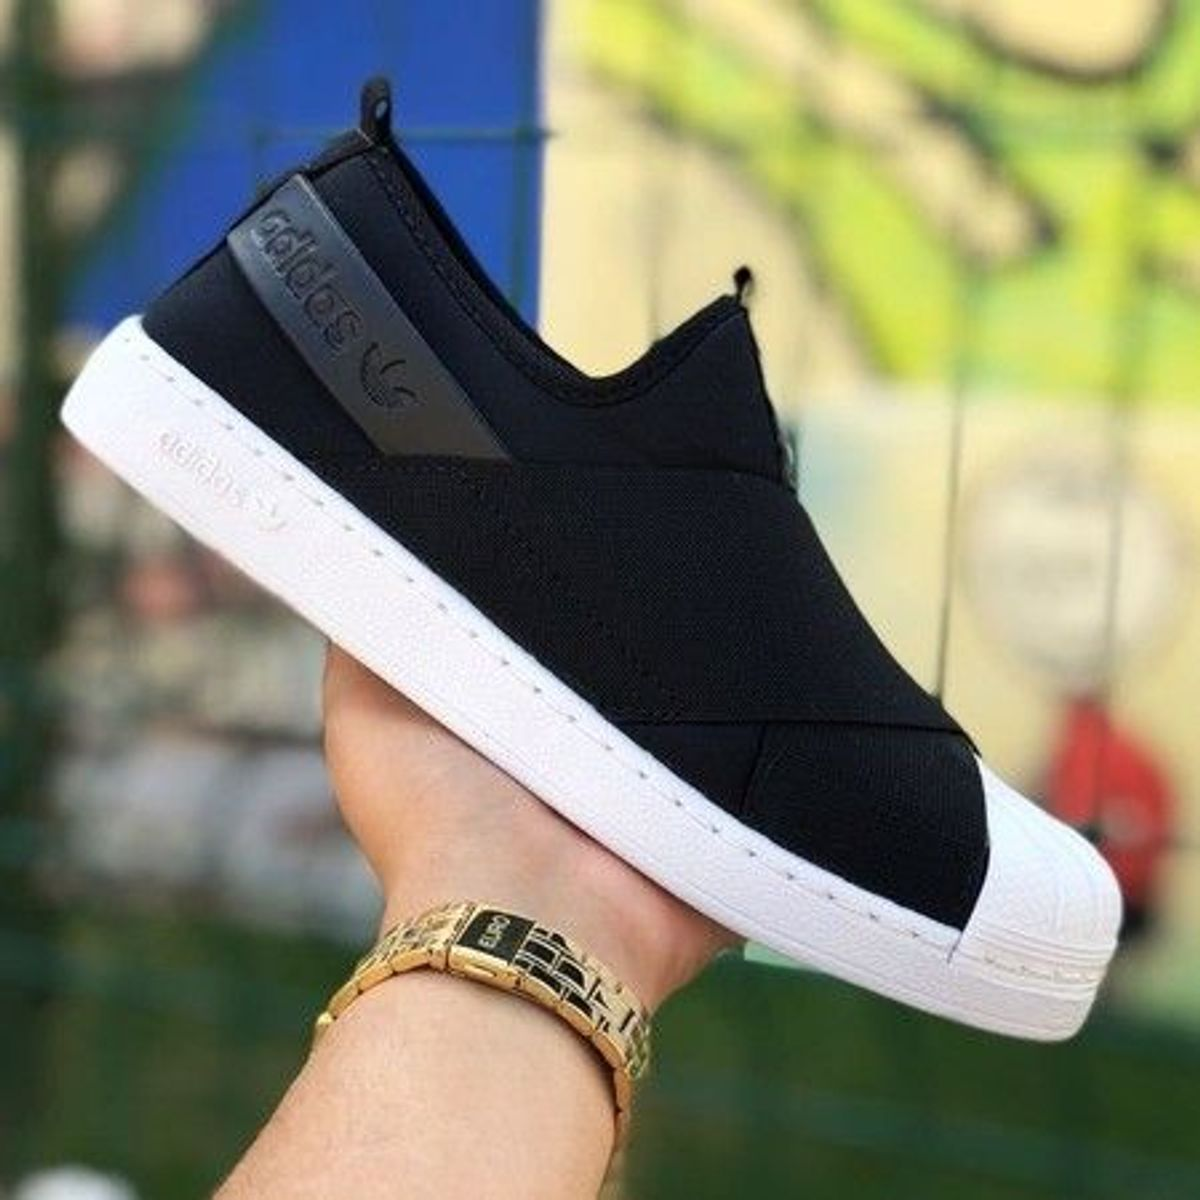 a90f21d319 Slip On 36 Adidas Superstar Moda Top Barato e Estiloso